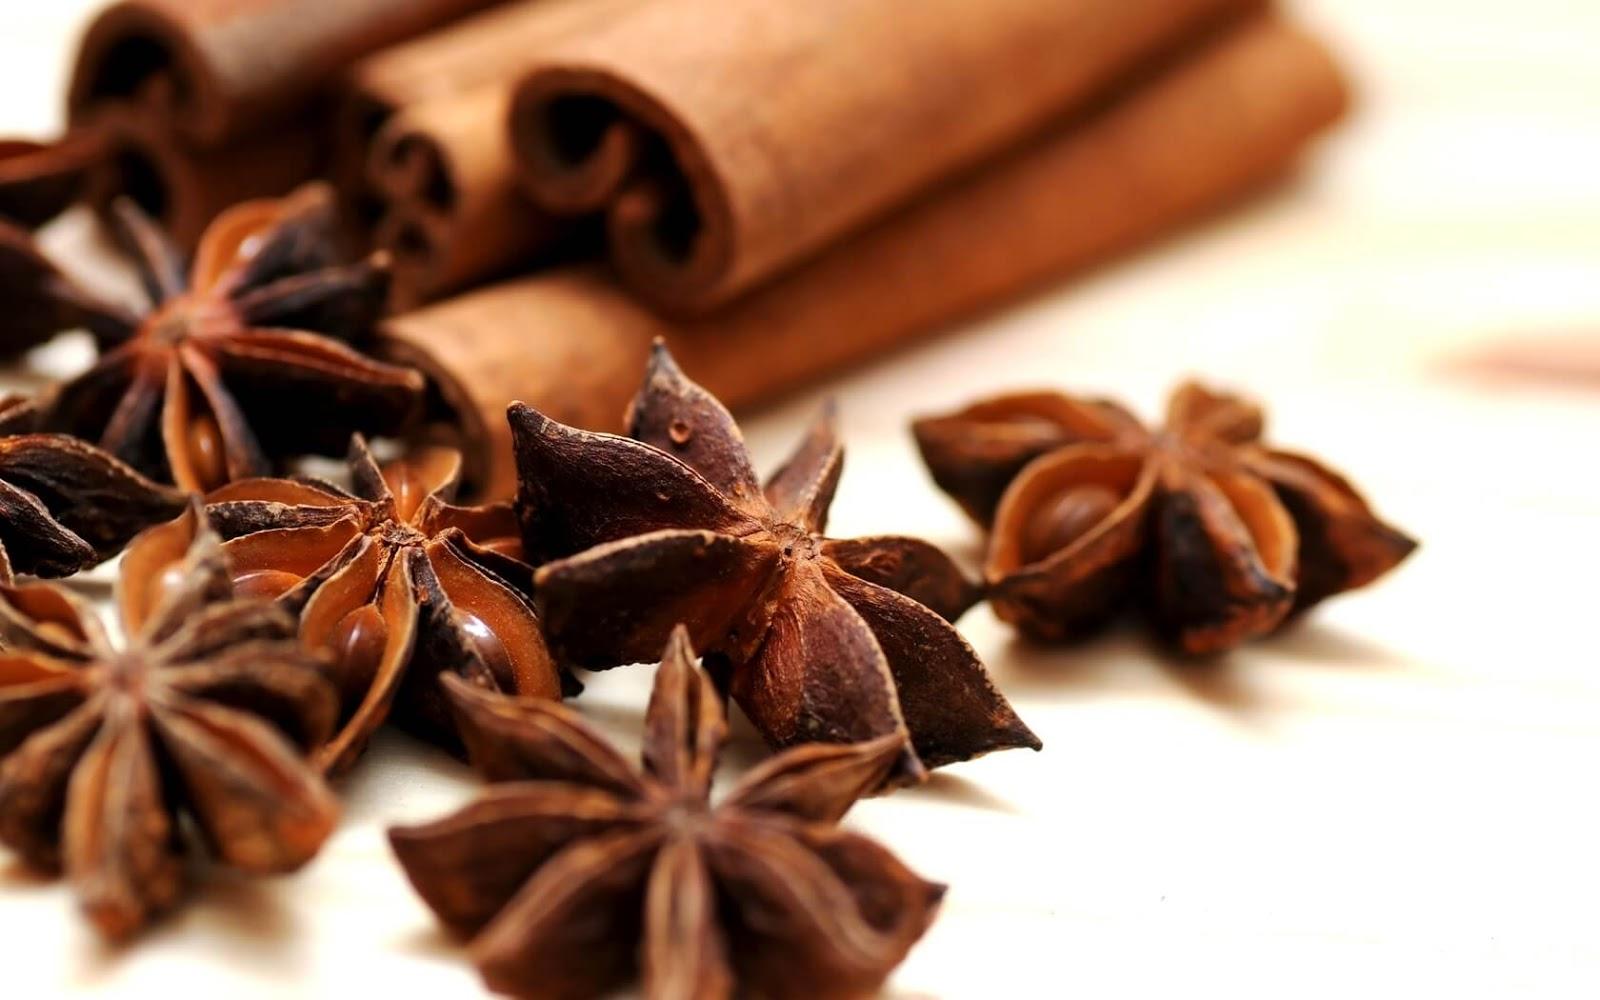 Ecorce aromatique, la cannelle améliore la tolérance au glucose, c'est en plus un antioxydant puissant.